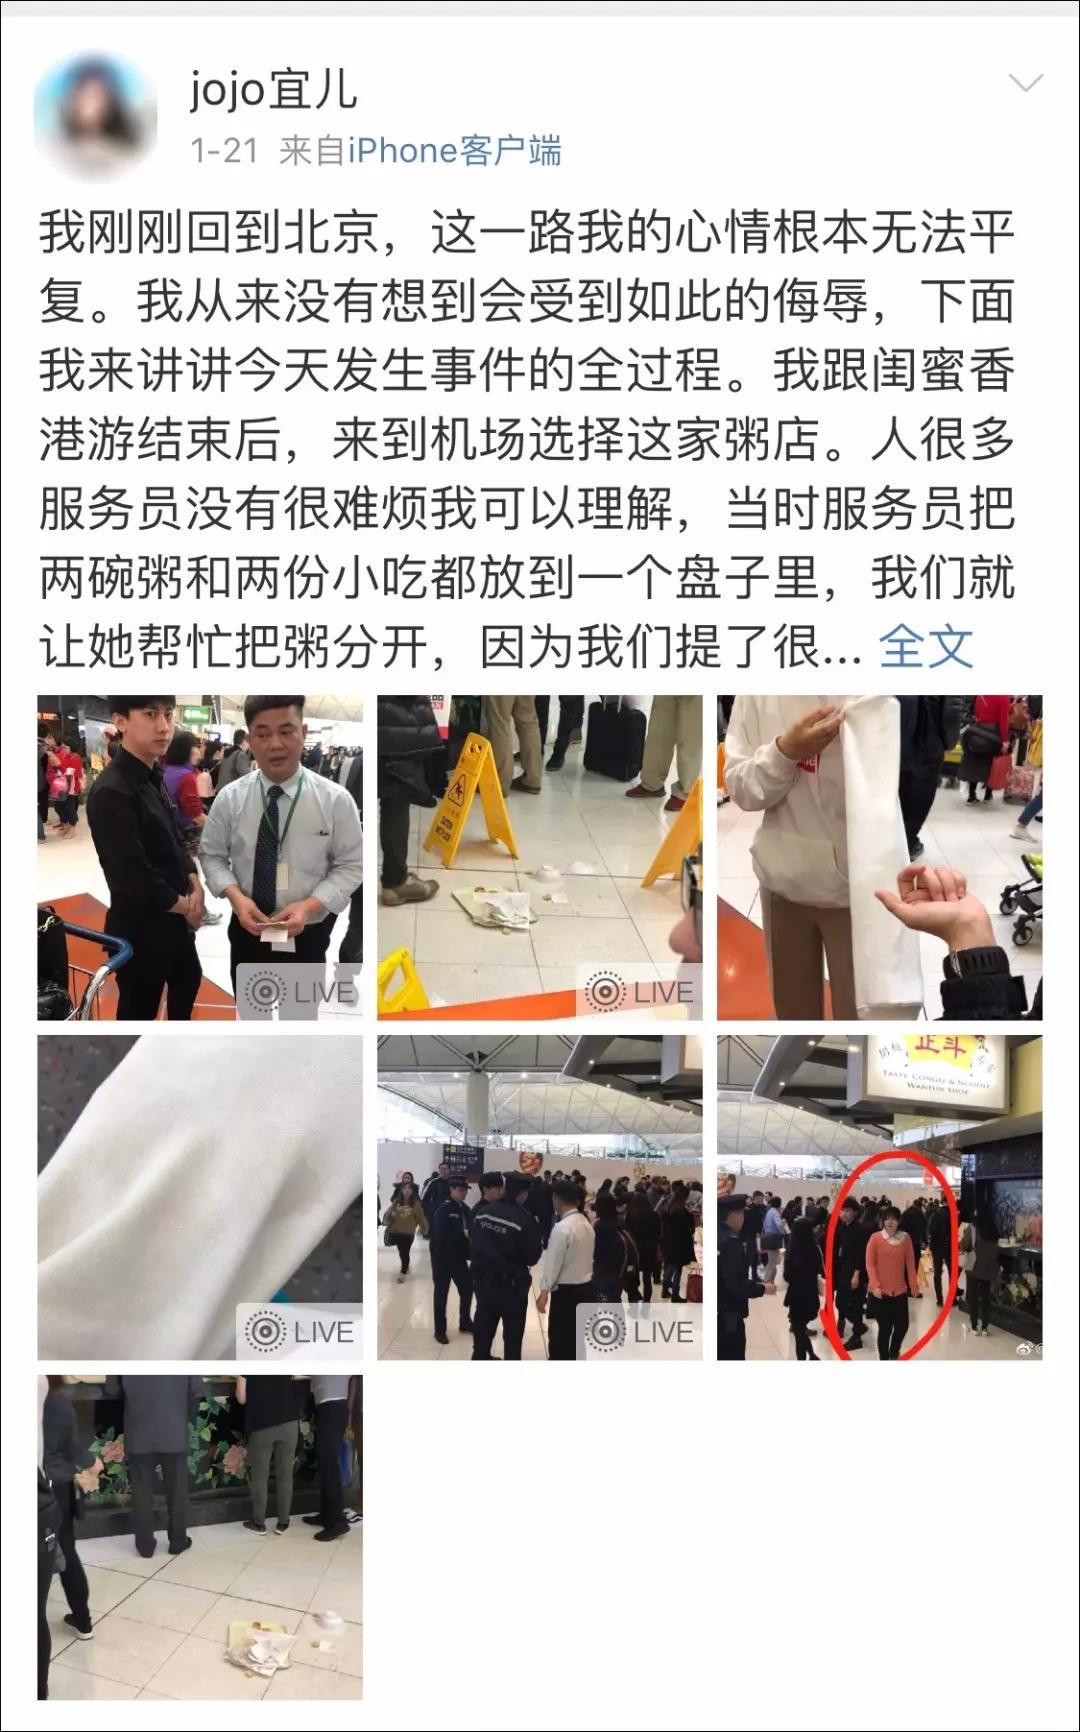 内地女生在香港机场被辱骂、被泼粥:从没想到会受到如此侮辱